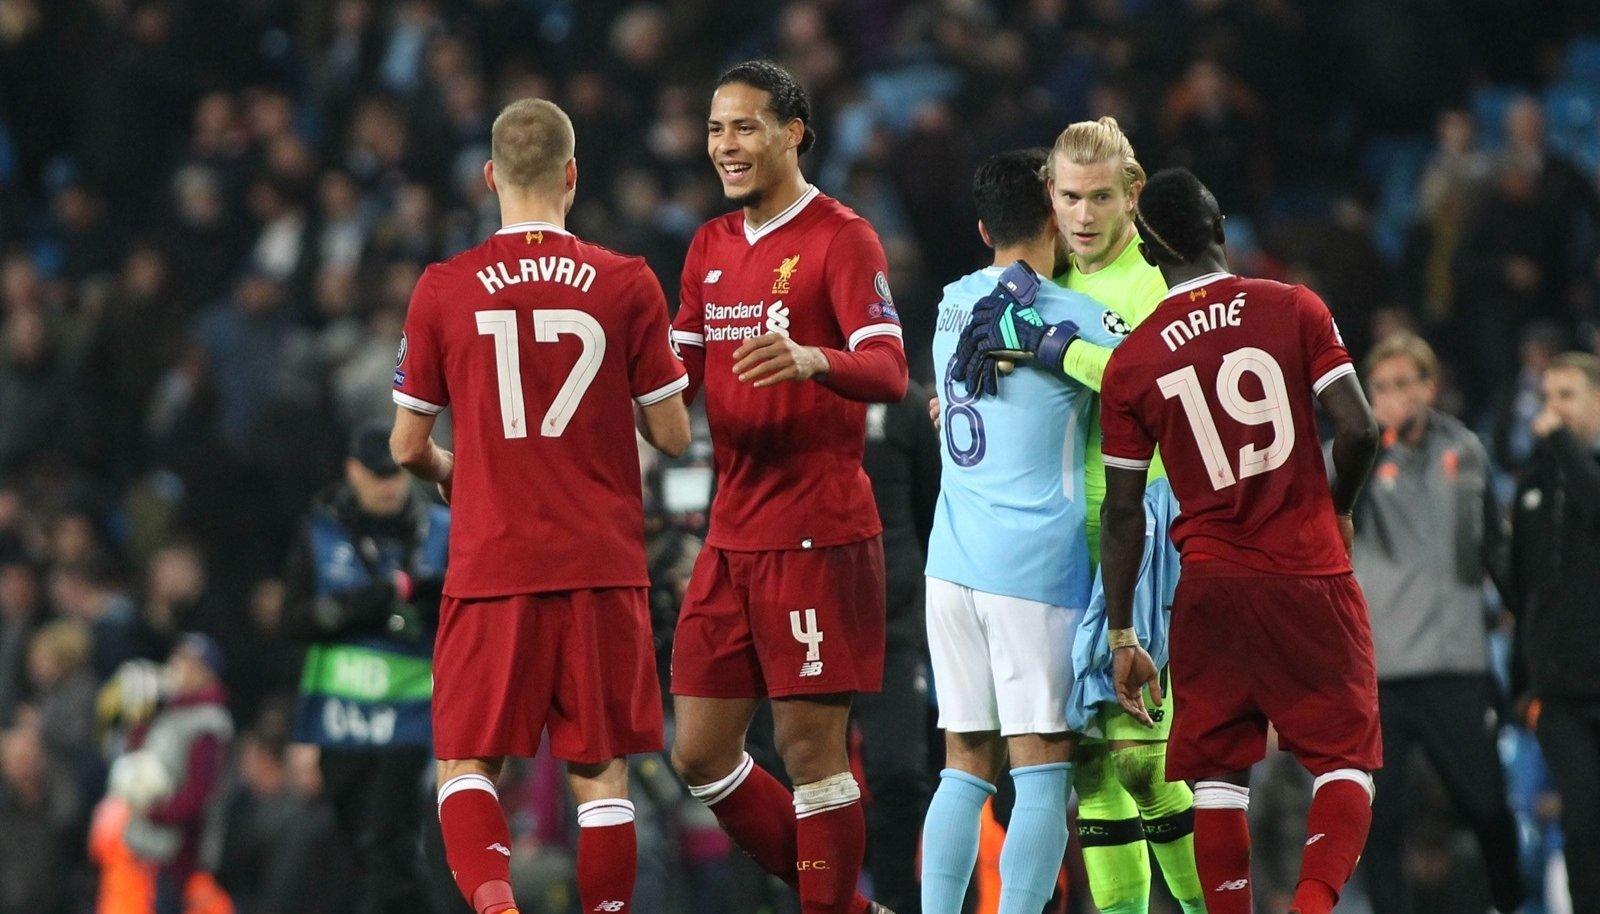 Manchester City v Liverpool UEFA Champions League Quarter Final Virgil van Dijk of Liverpool celebra